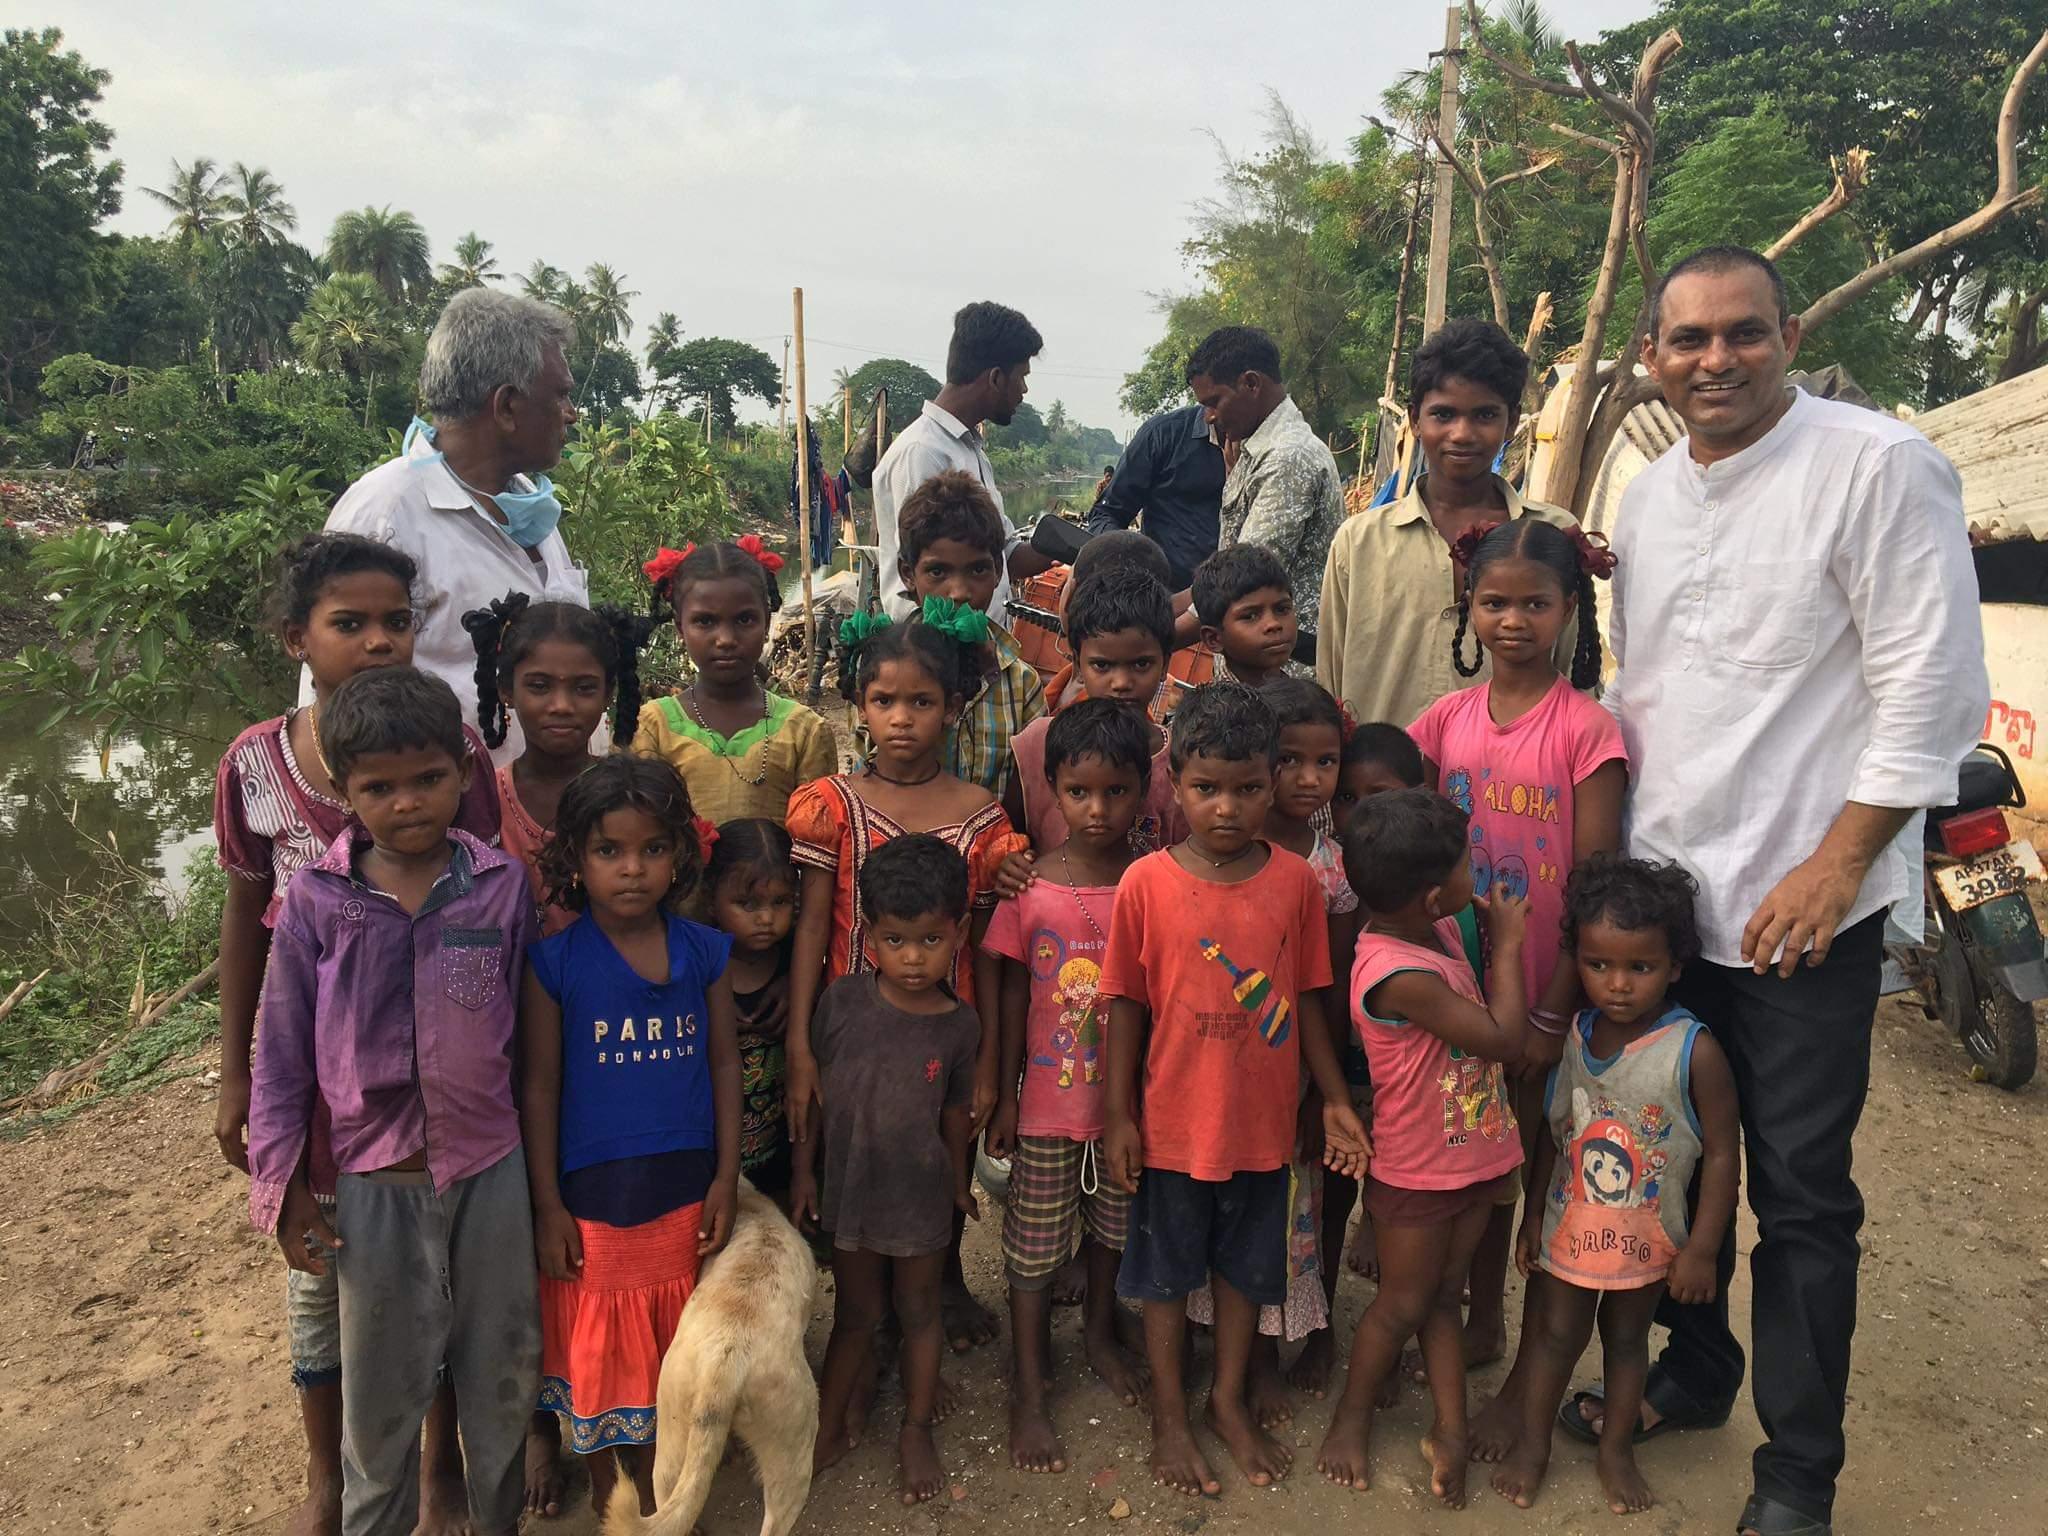 """La missione di padre Suresh: """"Sconfiggere la povertà portando la Parola di Dio"""""""